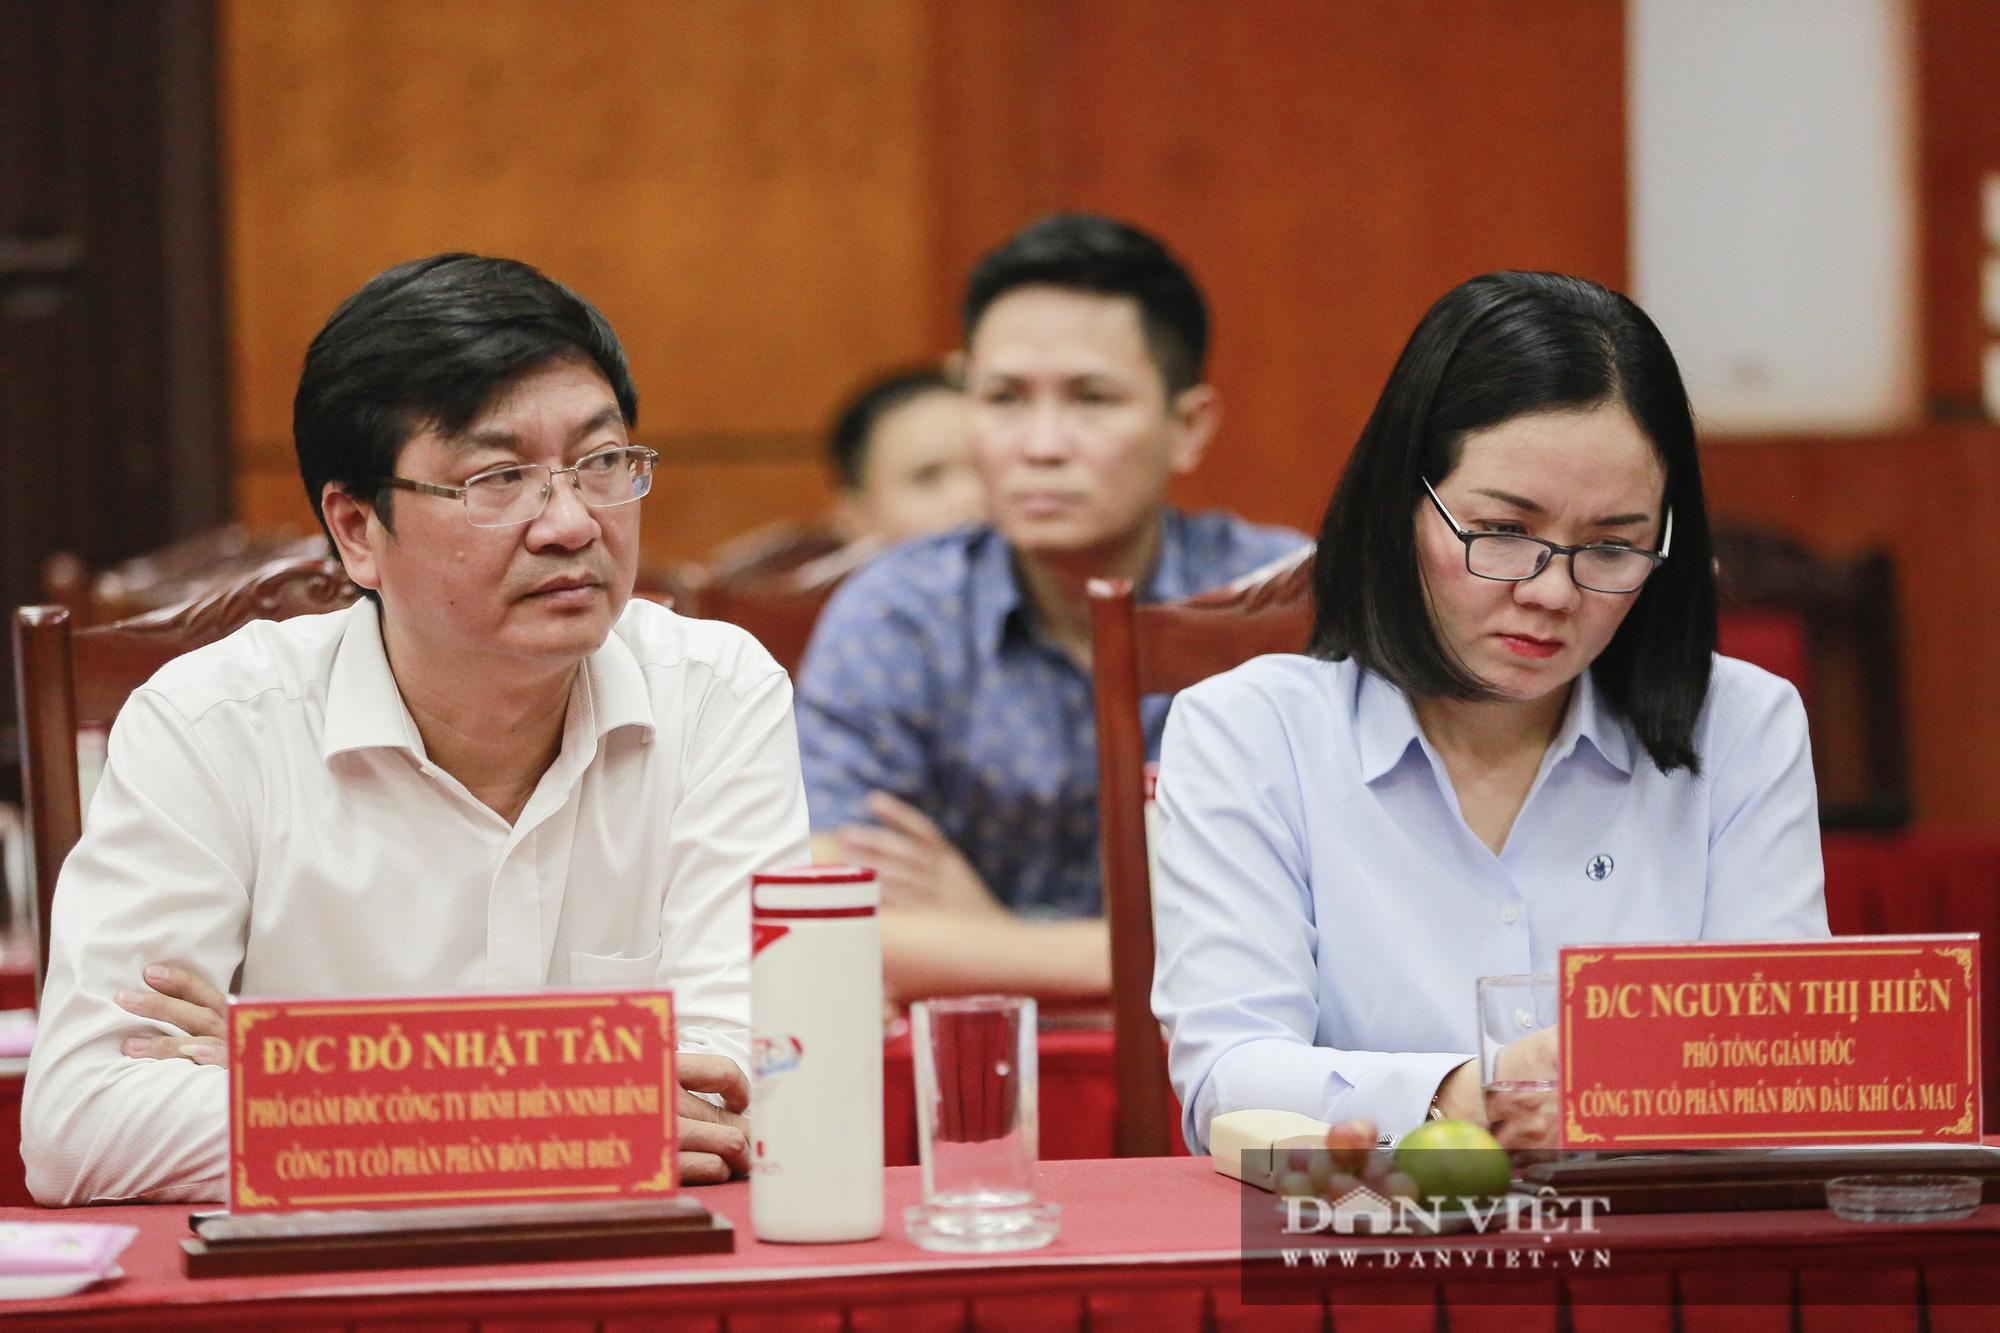 Toàn cảnh Họp báo kỷ niệm 90 năm Ngày thành lập Hội Nông dân Việt Nam - Ảnh 6.